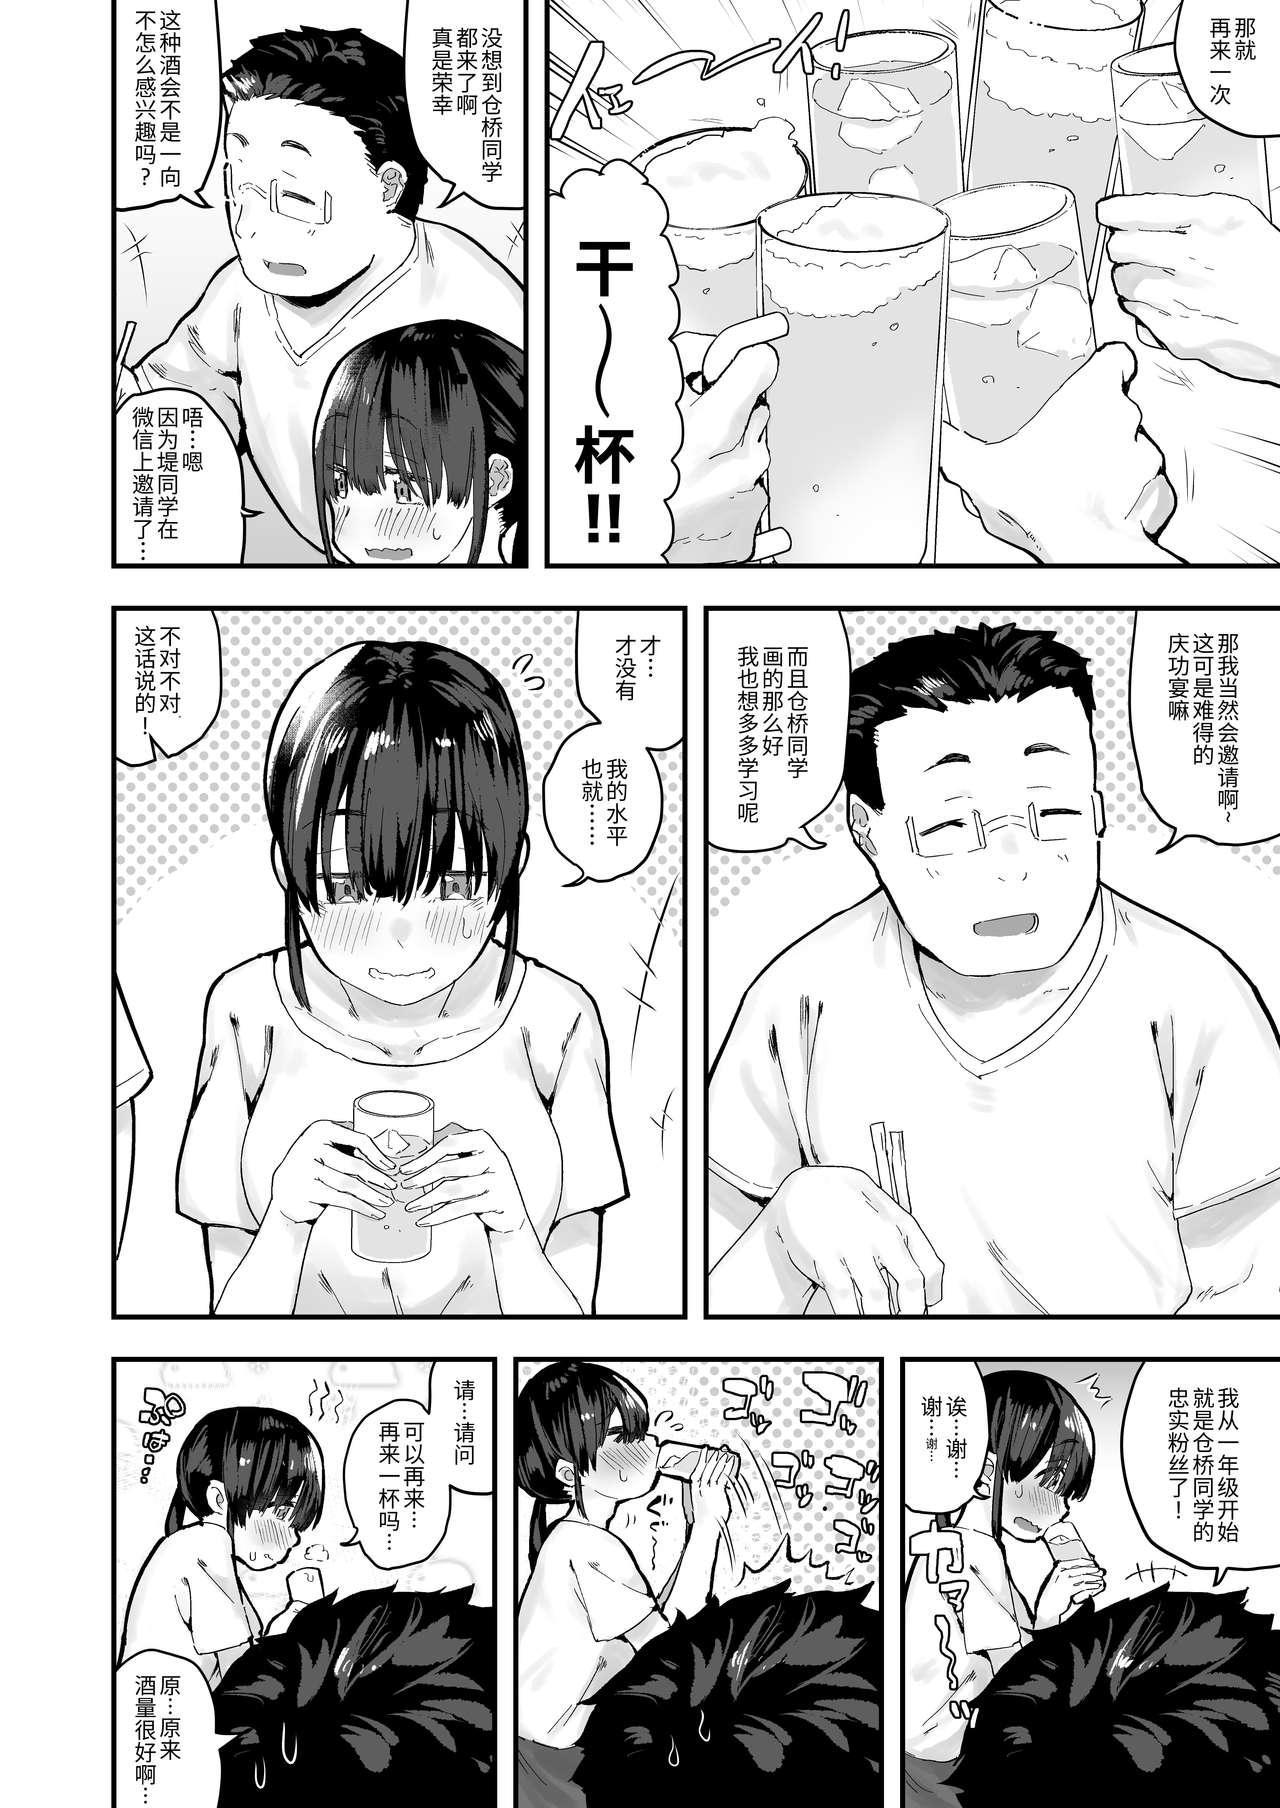 Chinkasu de kimaru Onna-tachi Comic Anthology 10